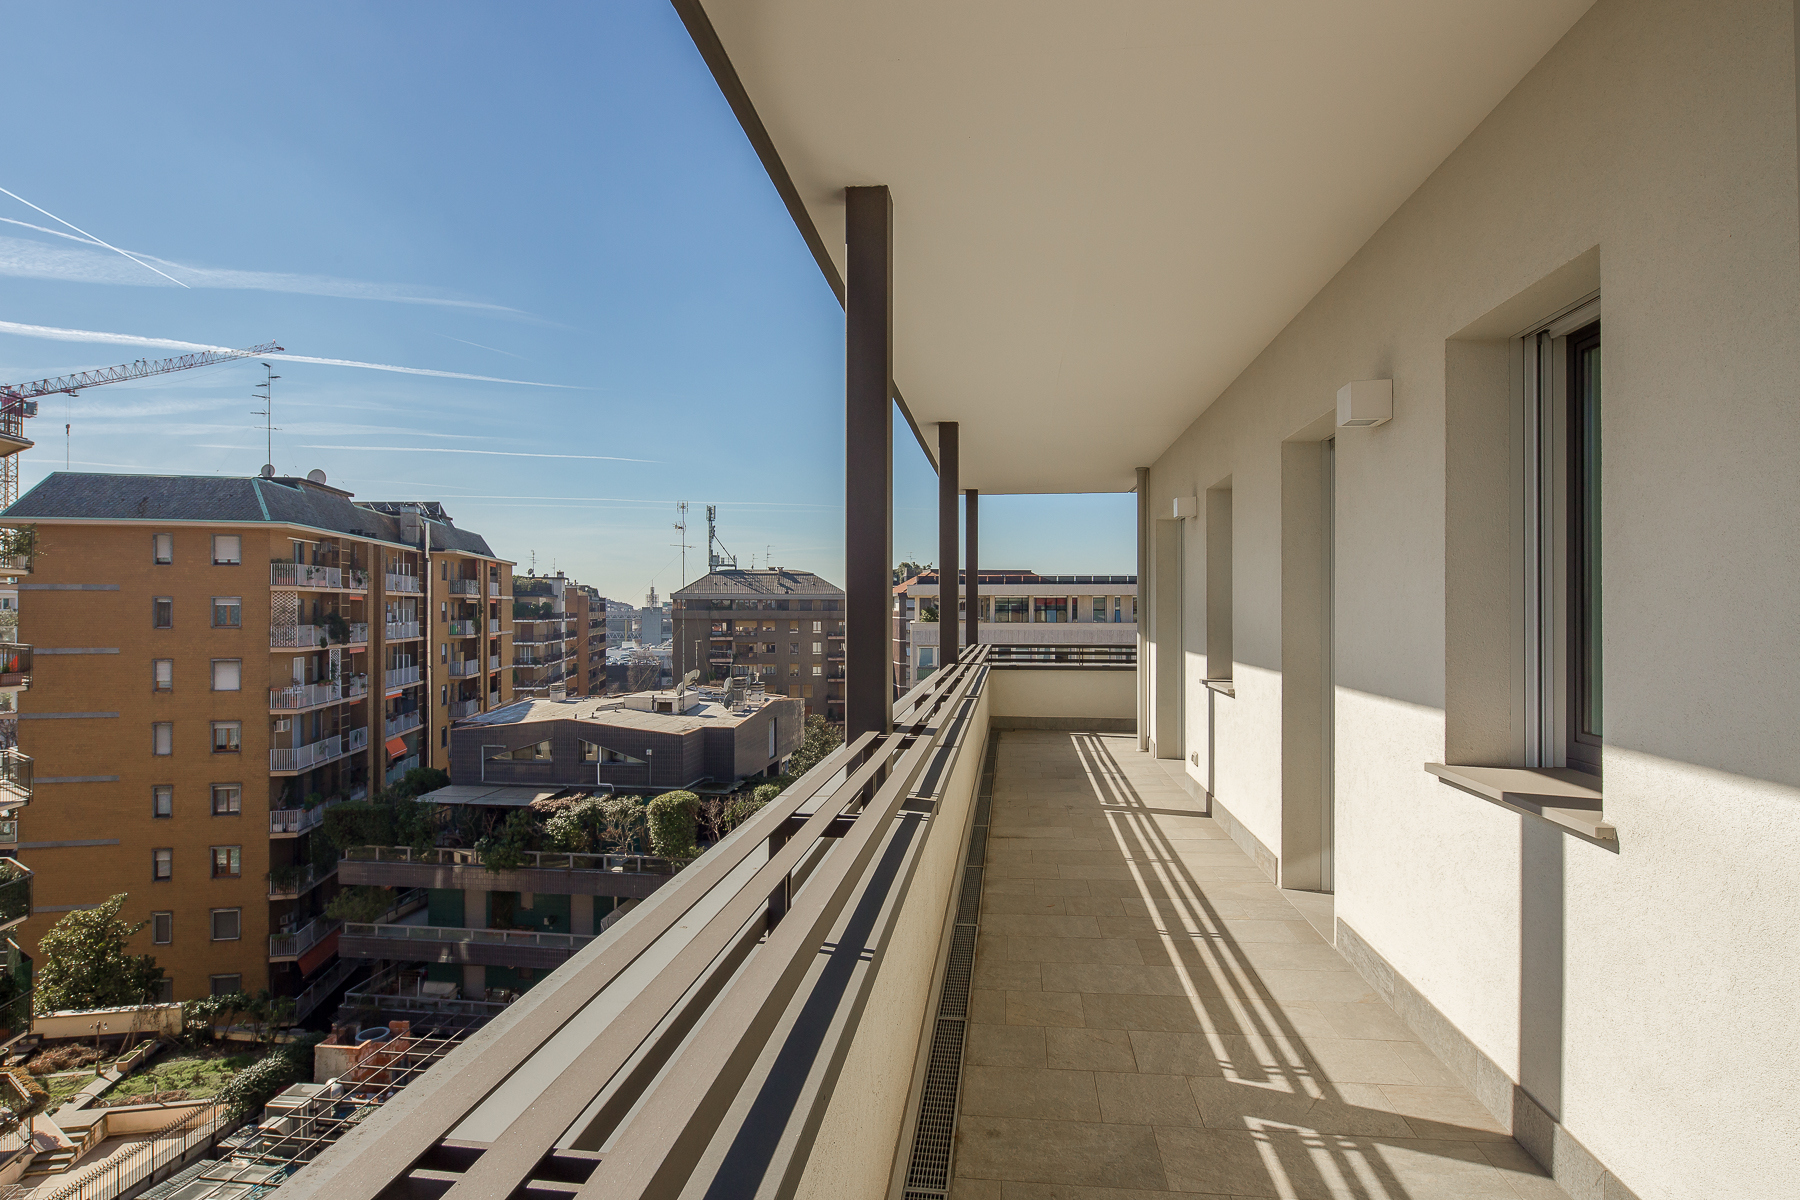 Attico in Vendita a Milano: 4 locali, 200 mq - Foto 28